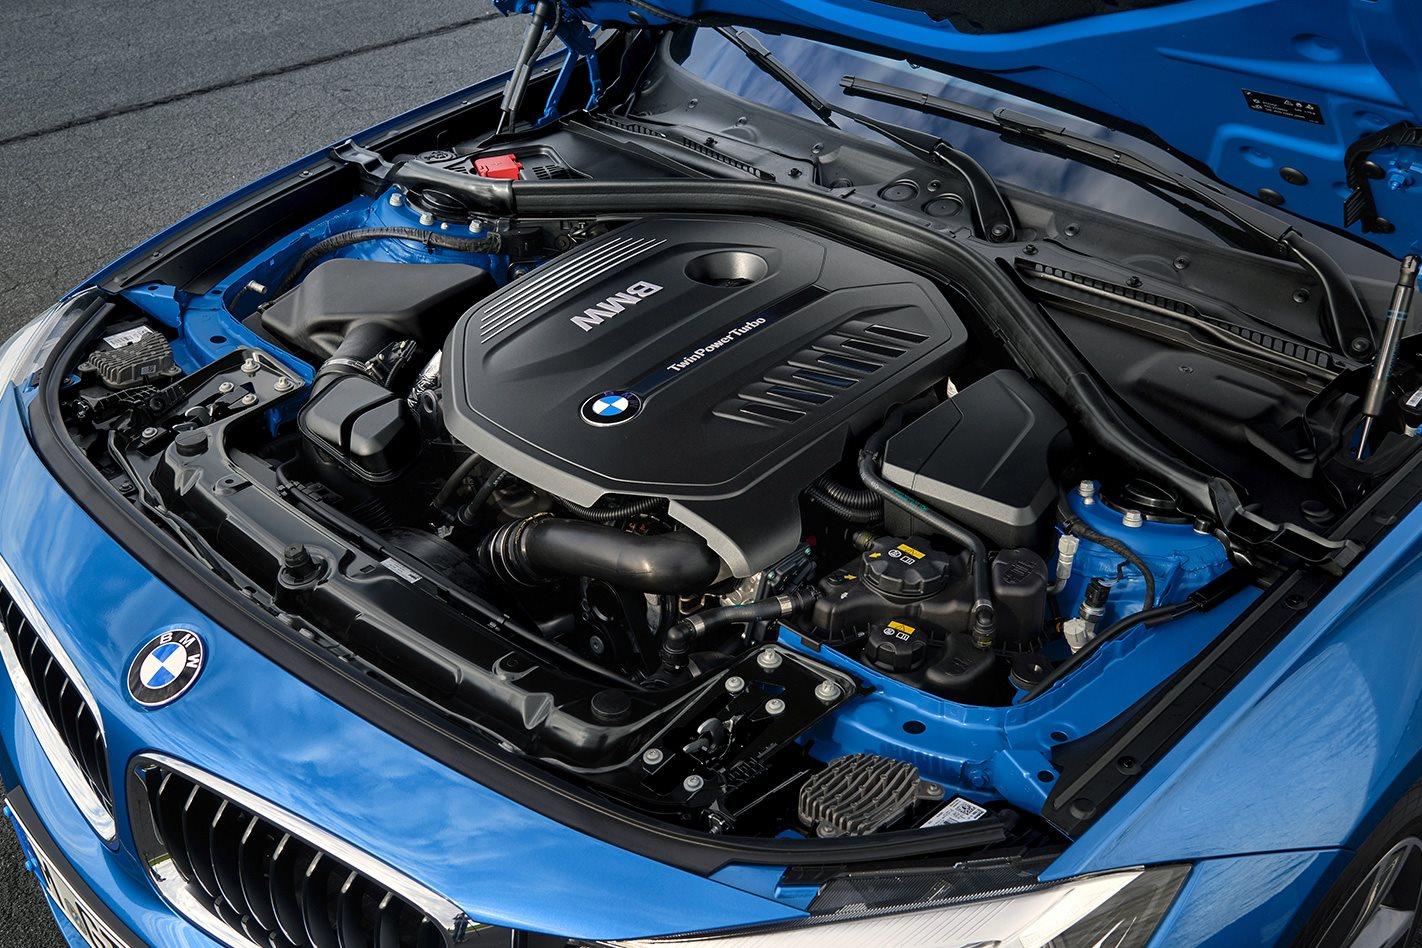 BMW M-Power Twin turbo engine